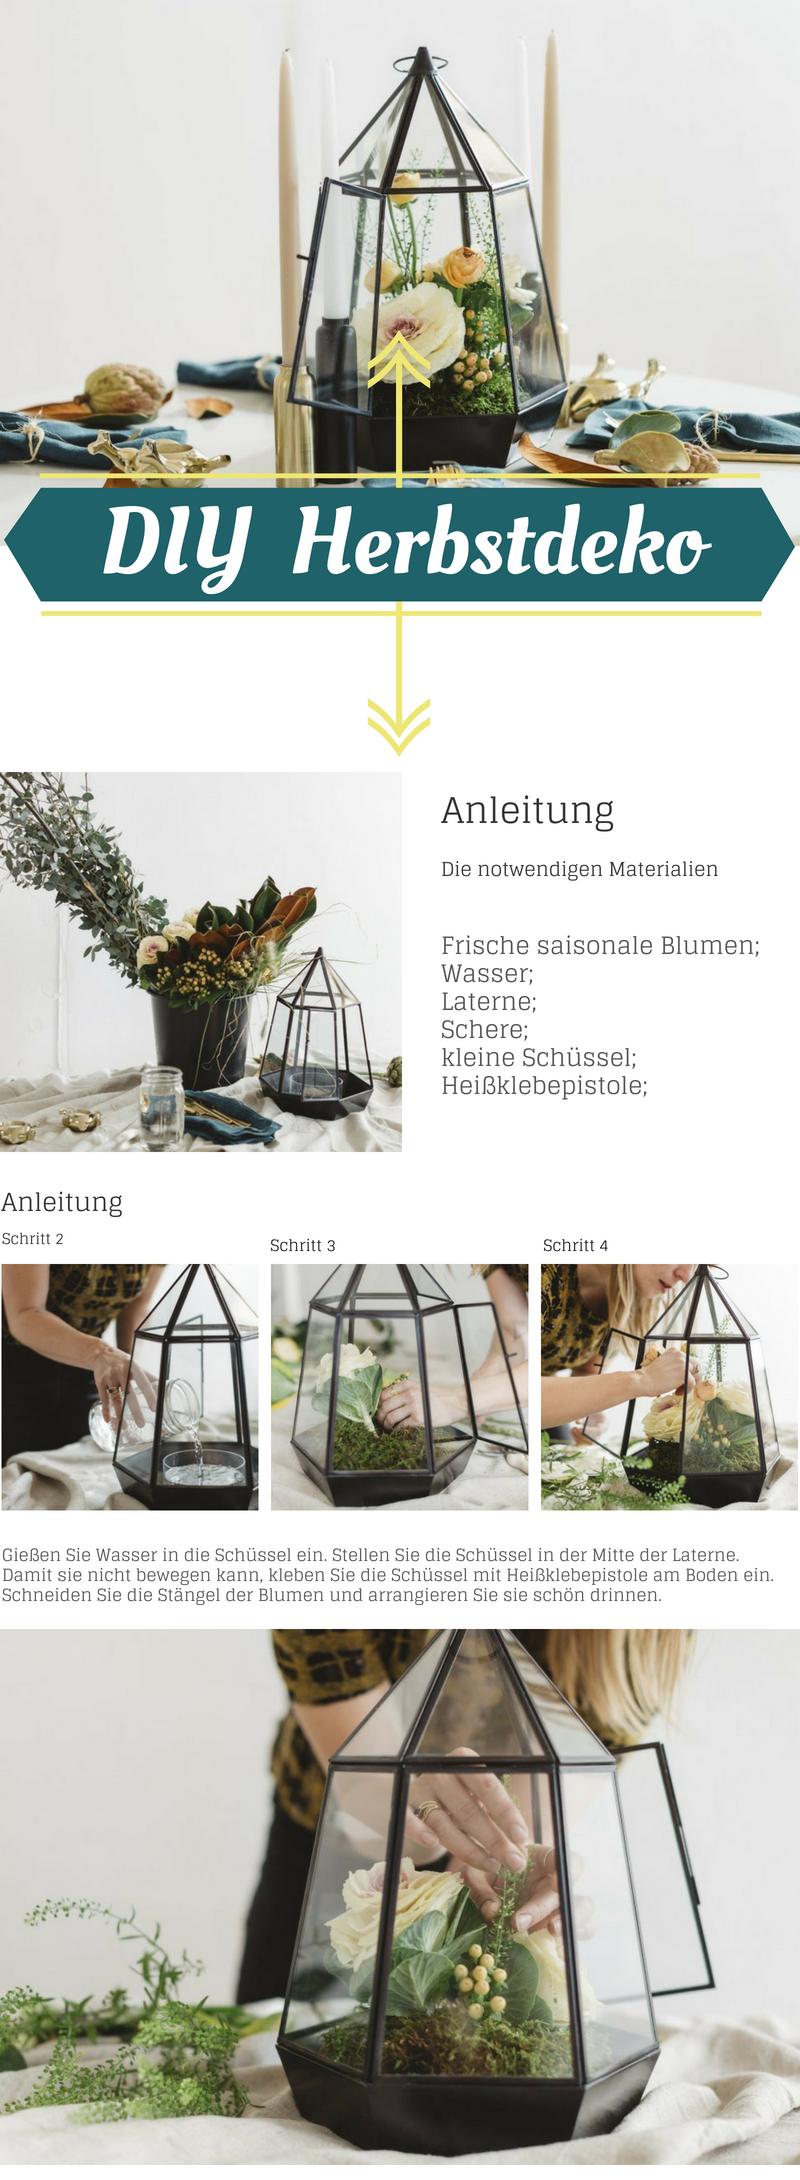 Tischideen Und Ambiente: DIY Herbstdeko Als Tischzierde